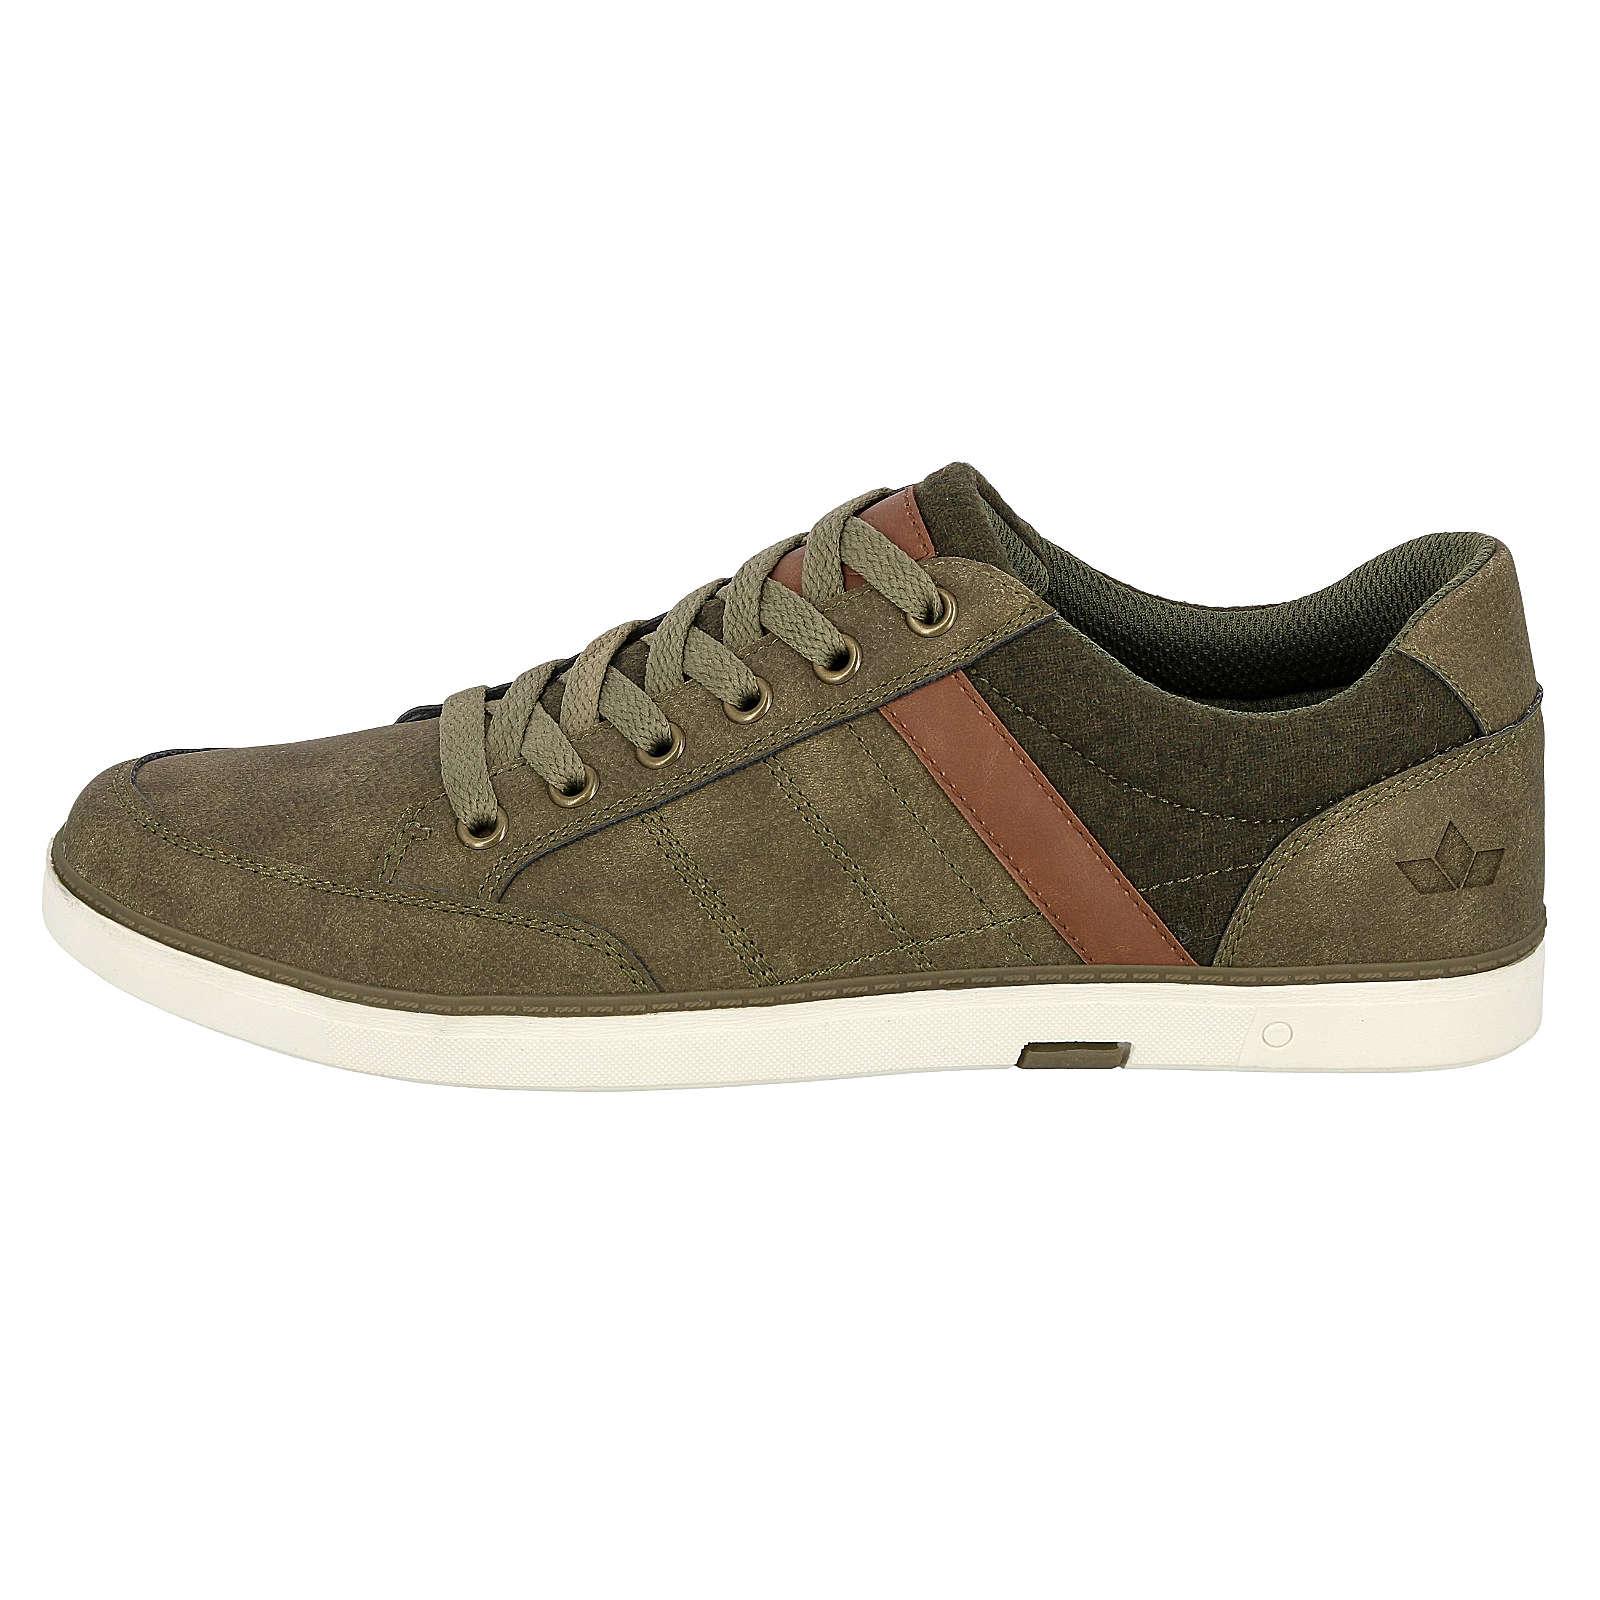 LICO Freizeitschuh Gunar Sneakers Low grün Herren Gr. 38